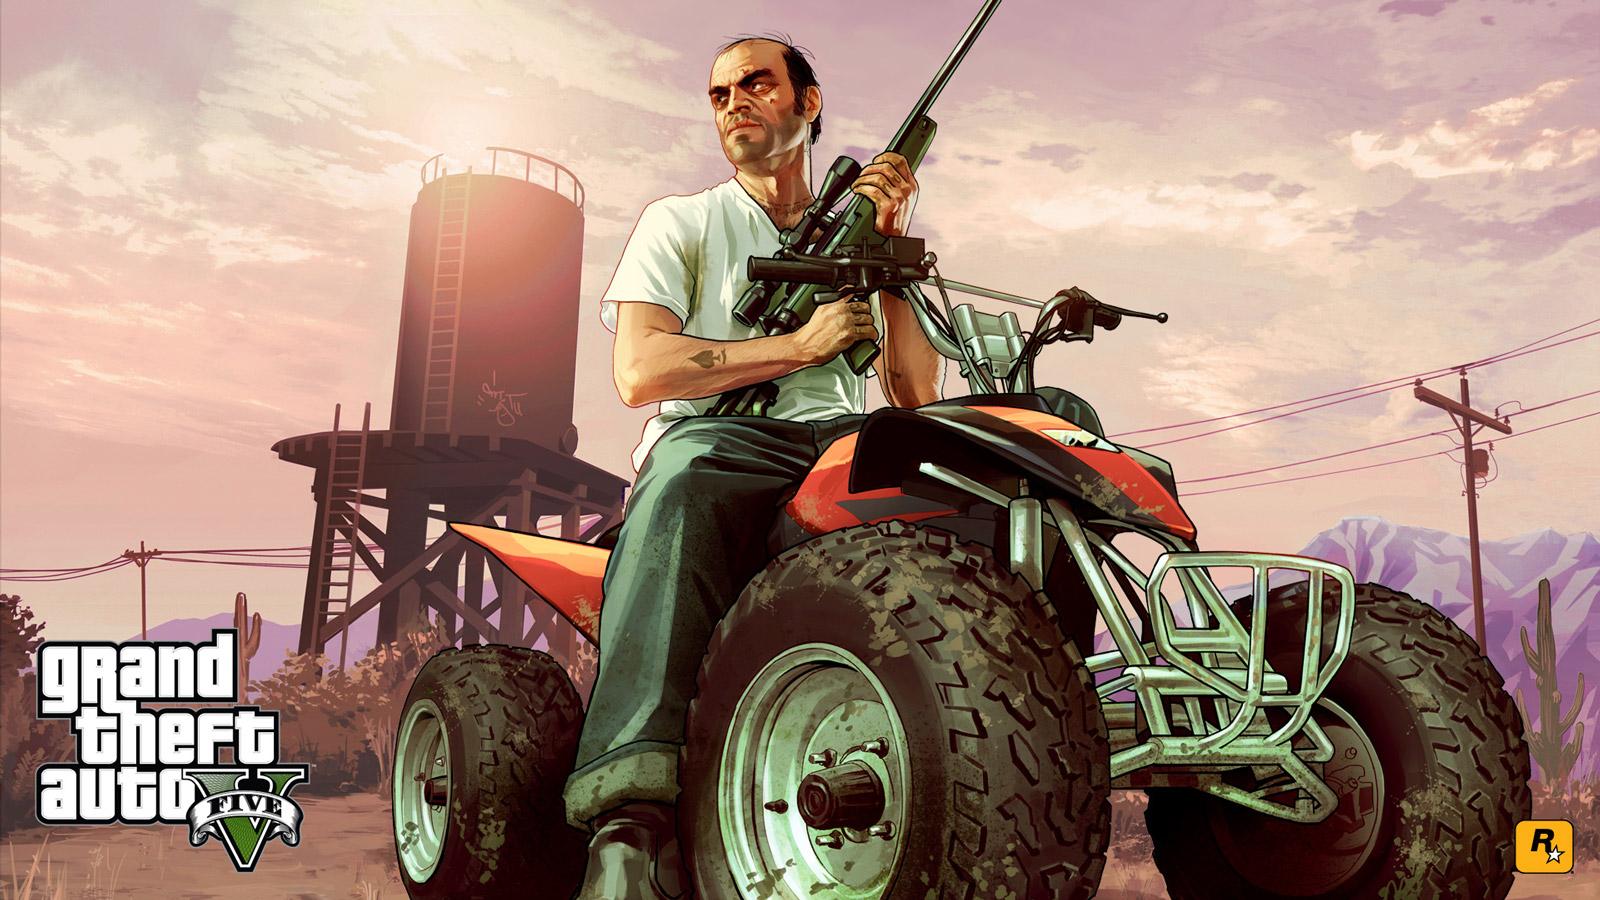 Grand Theft Auto V Wallpaper in 1600x900